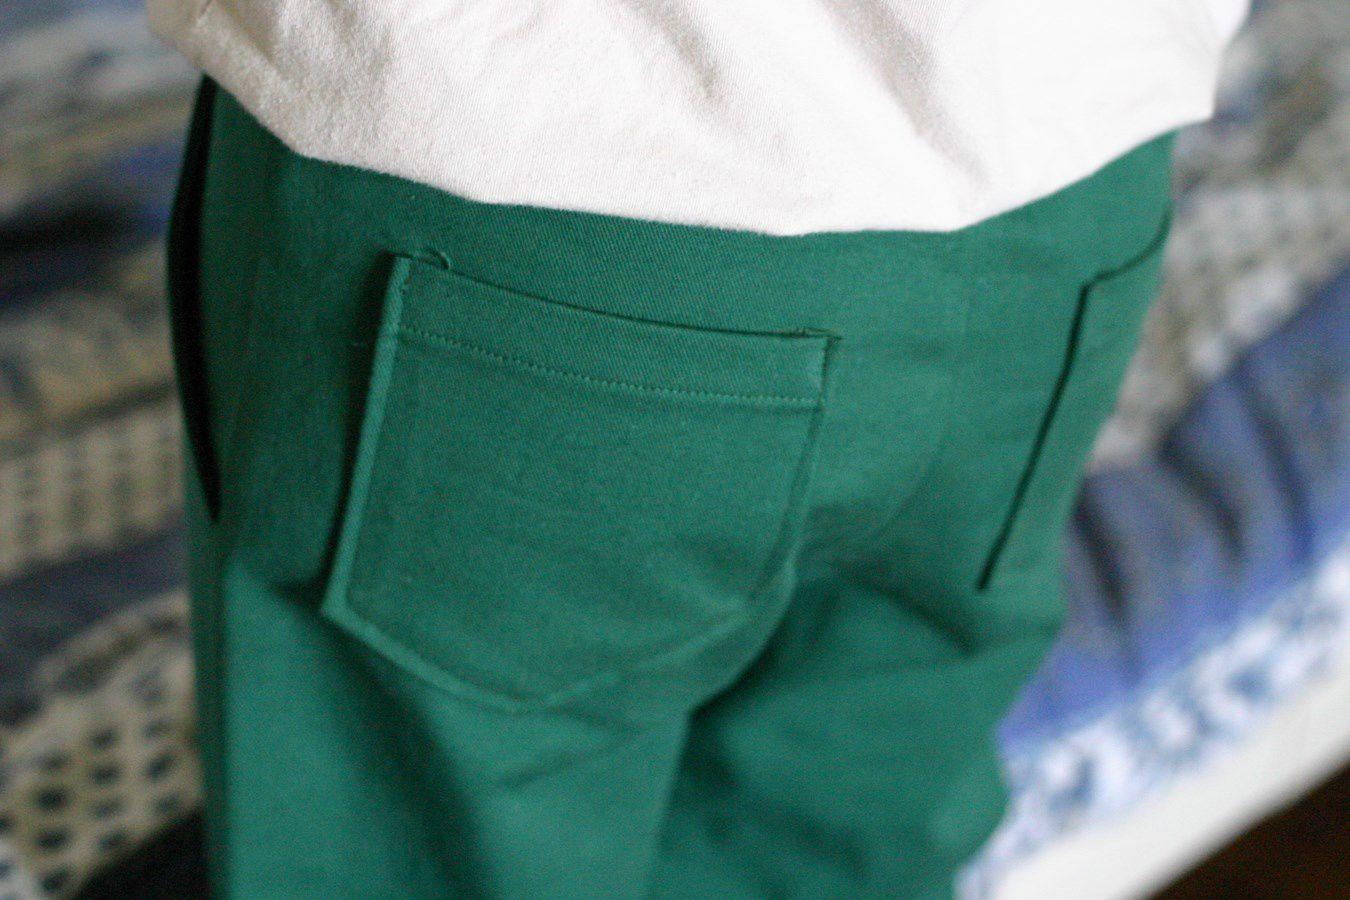 C'est l'histoire d'un pantalon